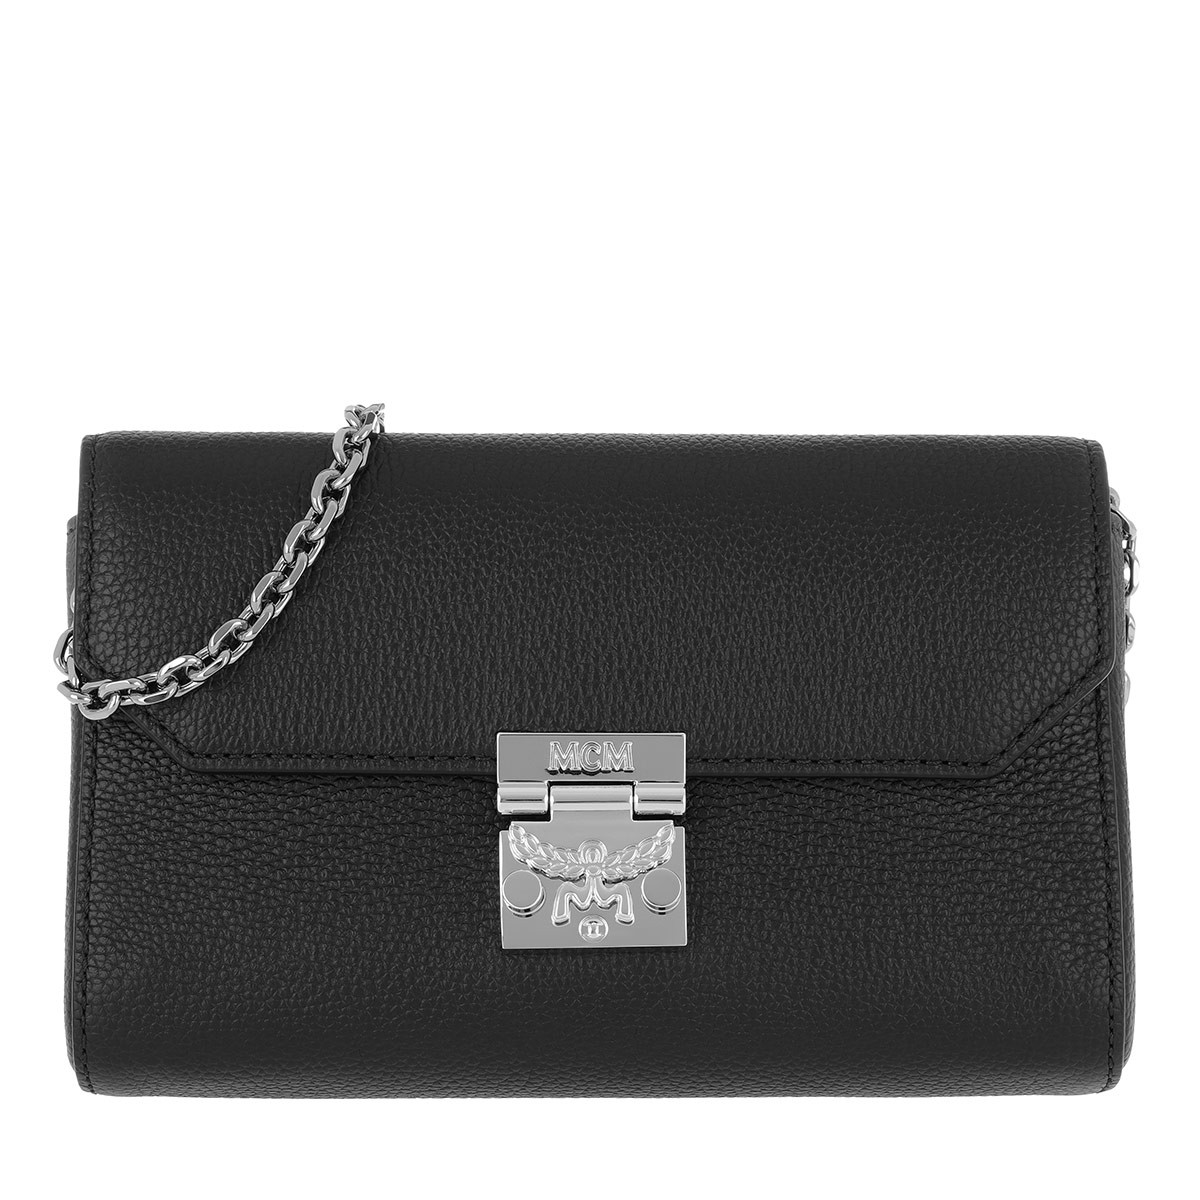 Mcm Schoudertassen - Millie Park Avenue Crossbody Small Black in zwart voor dames Betalen Met Visa Online Beste Plaats Outlet Populair Klaring Order gV90ttoc